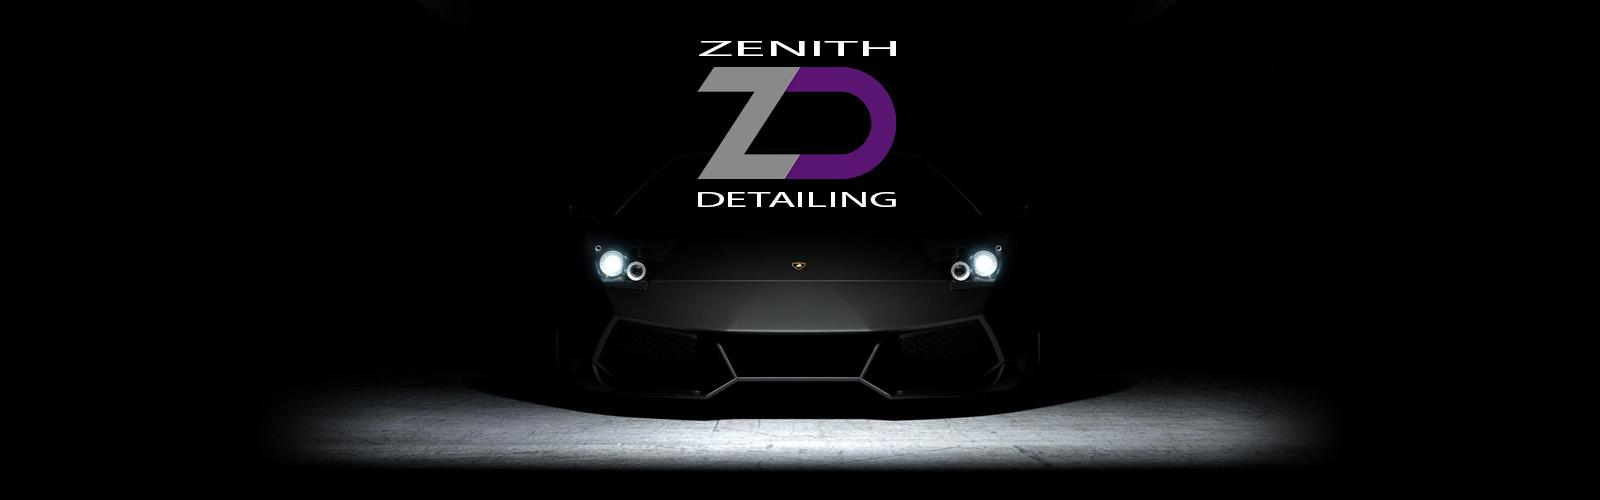 Zenith Detailing